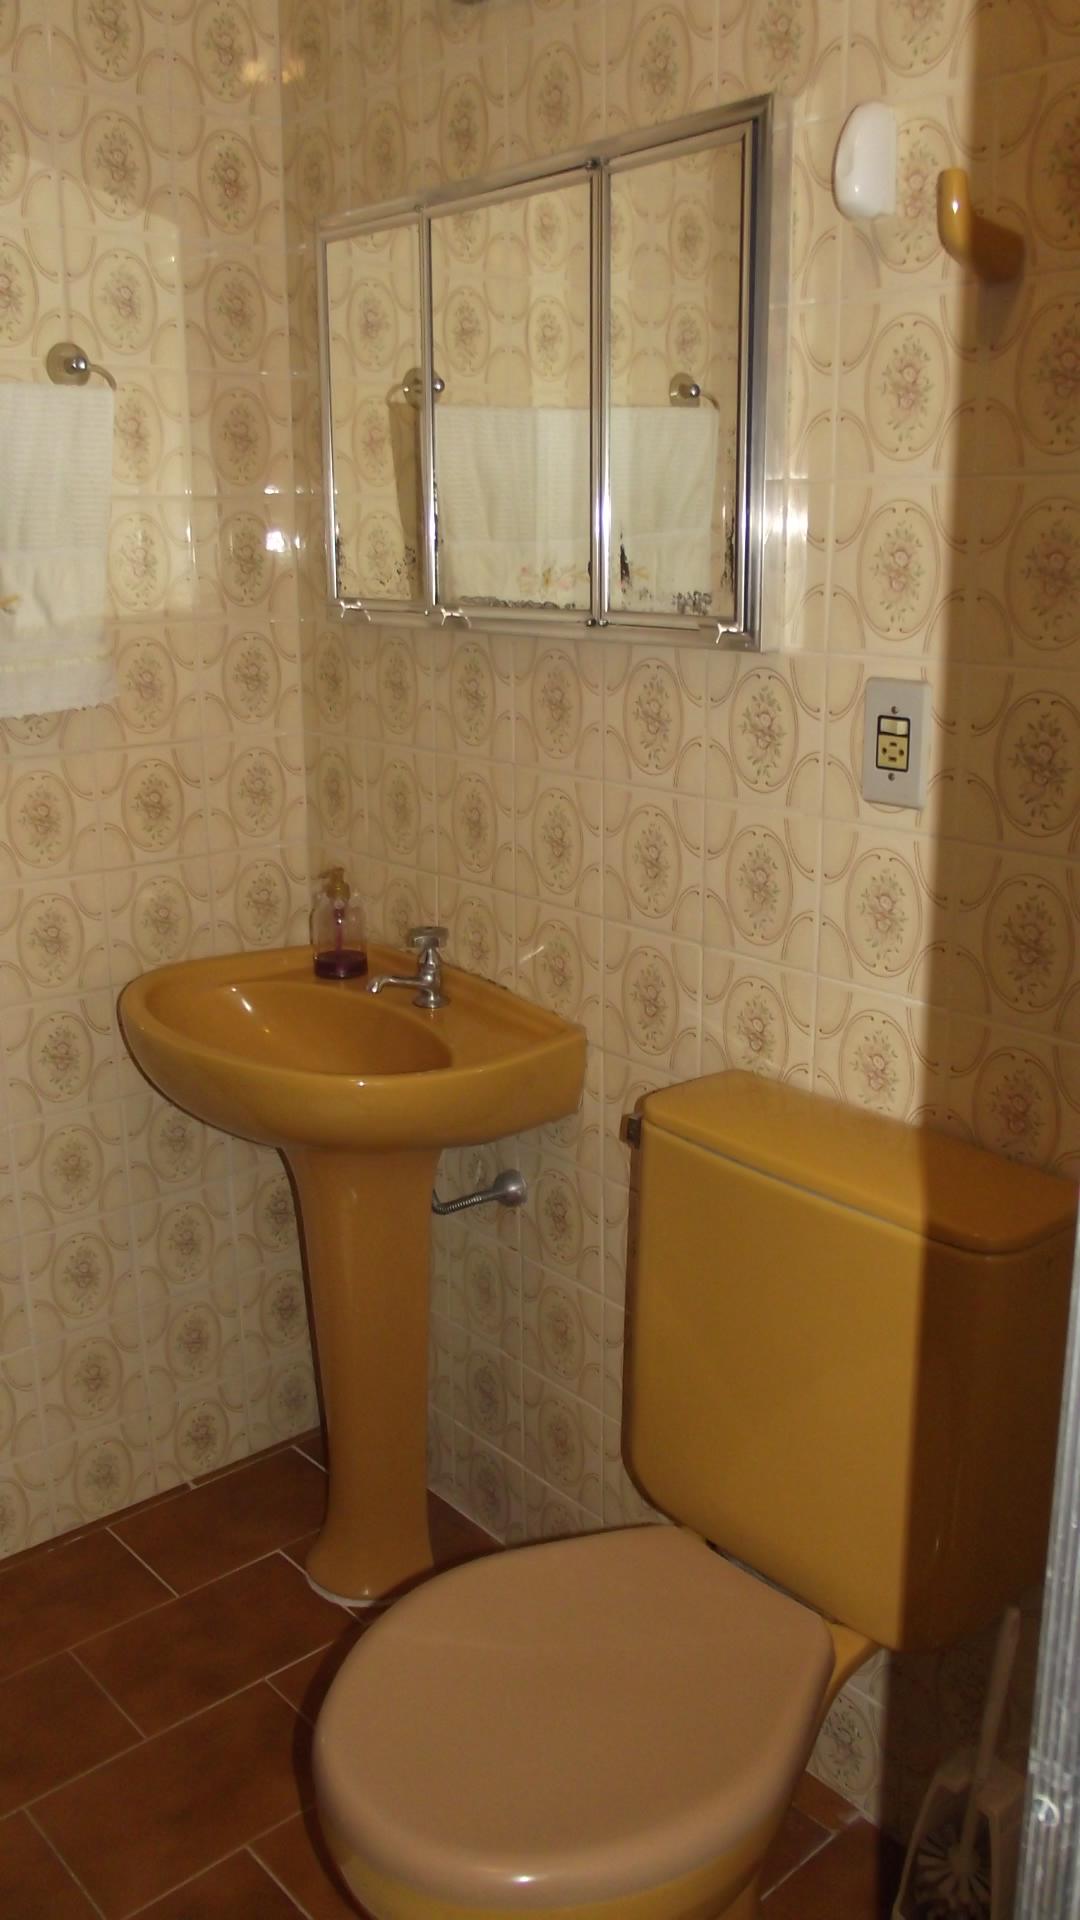 box do mesmo banheiro pastilhas na faixa do chuveiro e no nicho #44230D 1080x1920 Banheiro Com Vaso Sanitario Azul